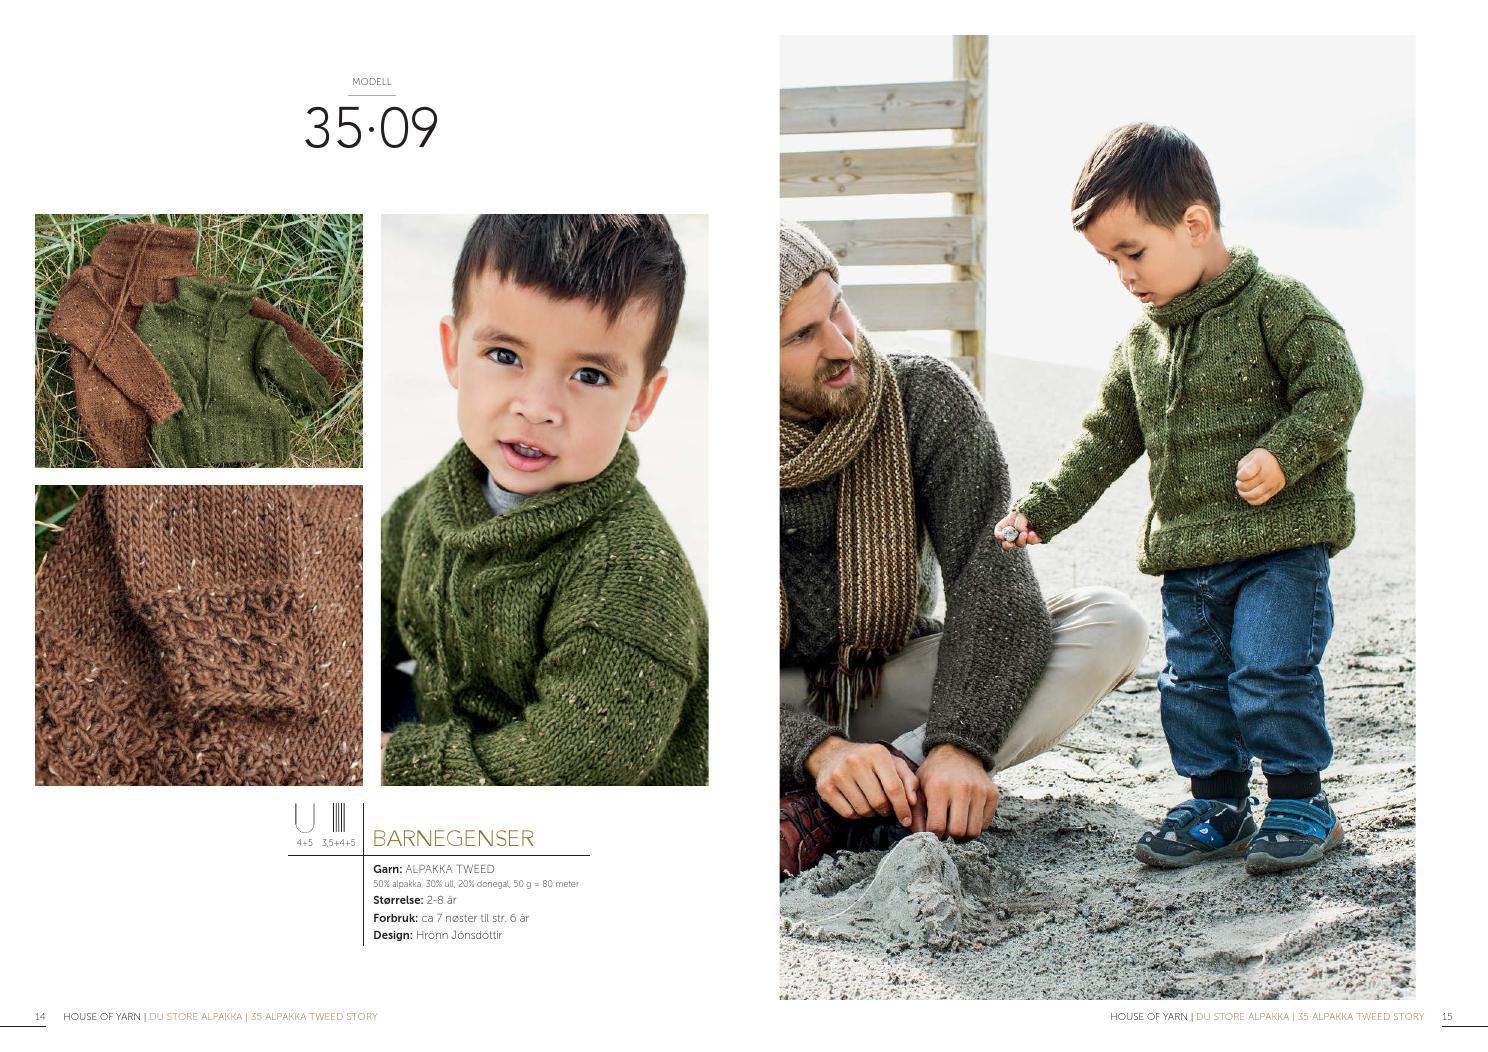 54ed4e7b Dsa 35 alpakka tweed story lookbook by Du Store Alpakka AS - issuu